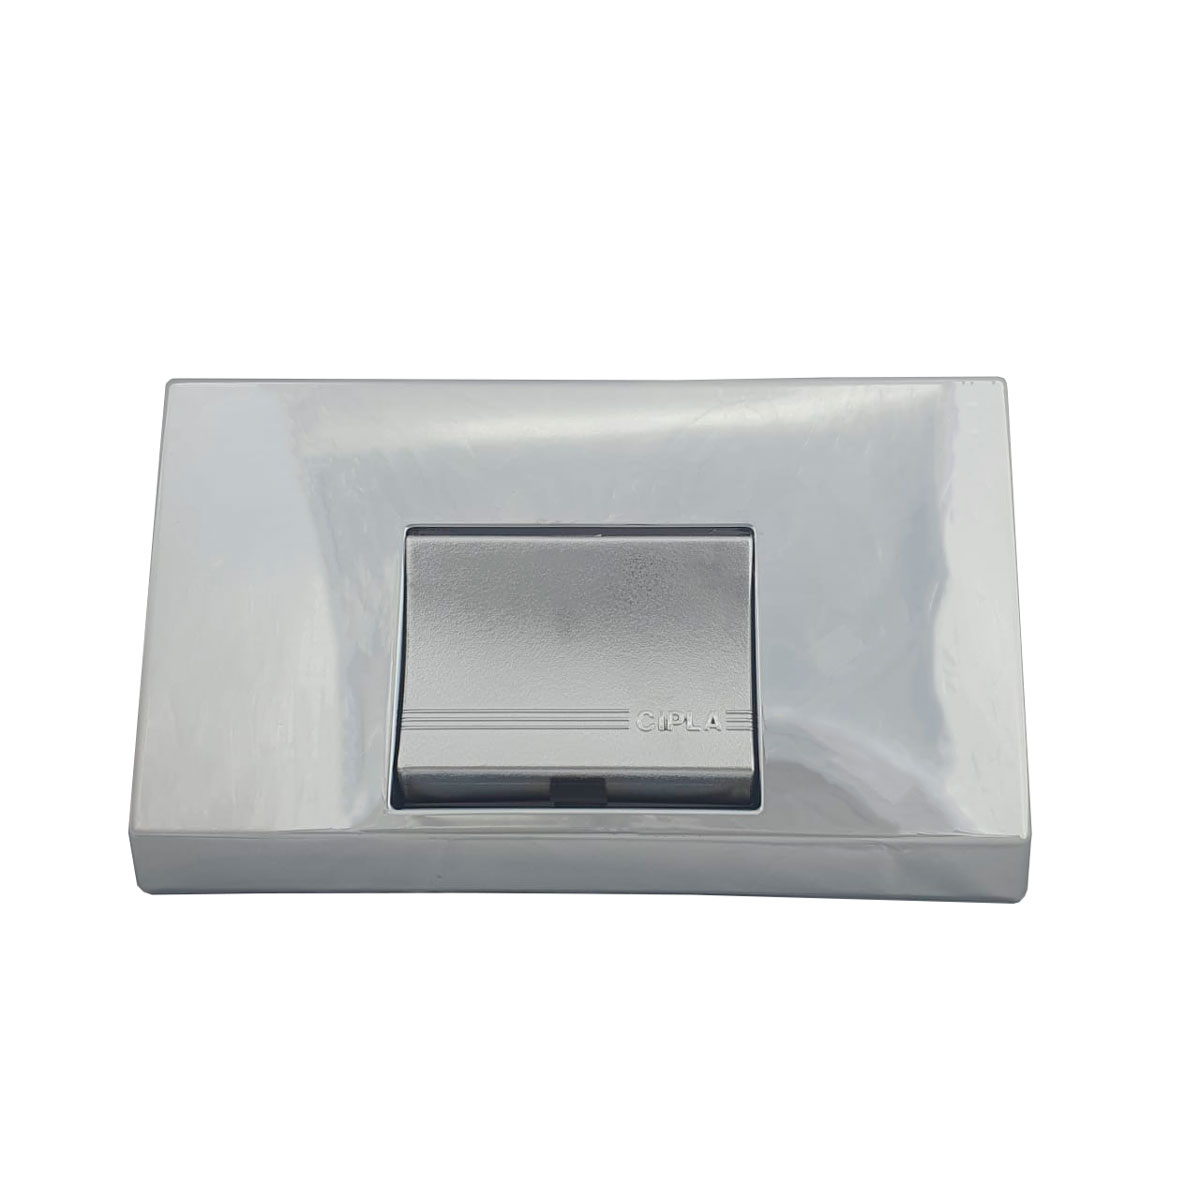 Kit Completo Para Caixa Descarga Embutida Antigo C-2 Cipla Cr